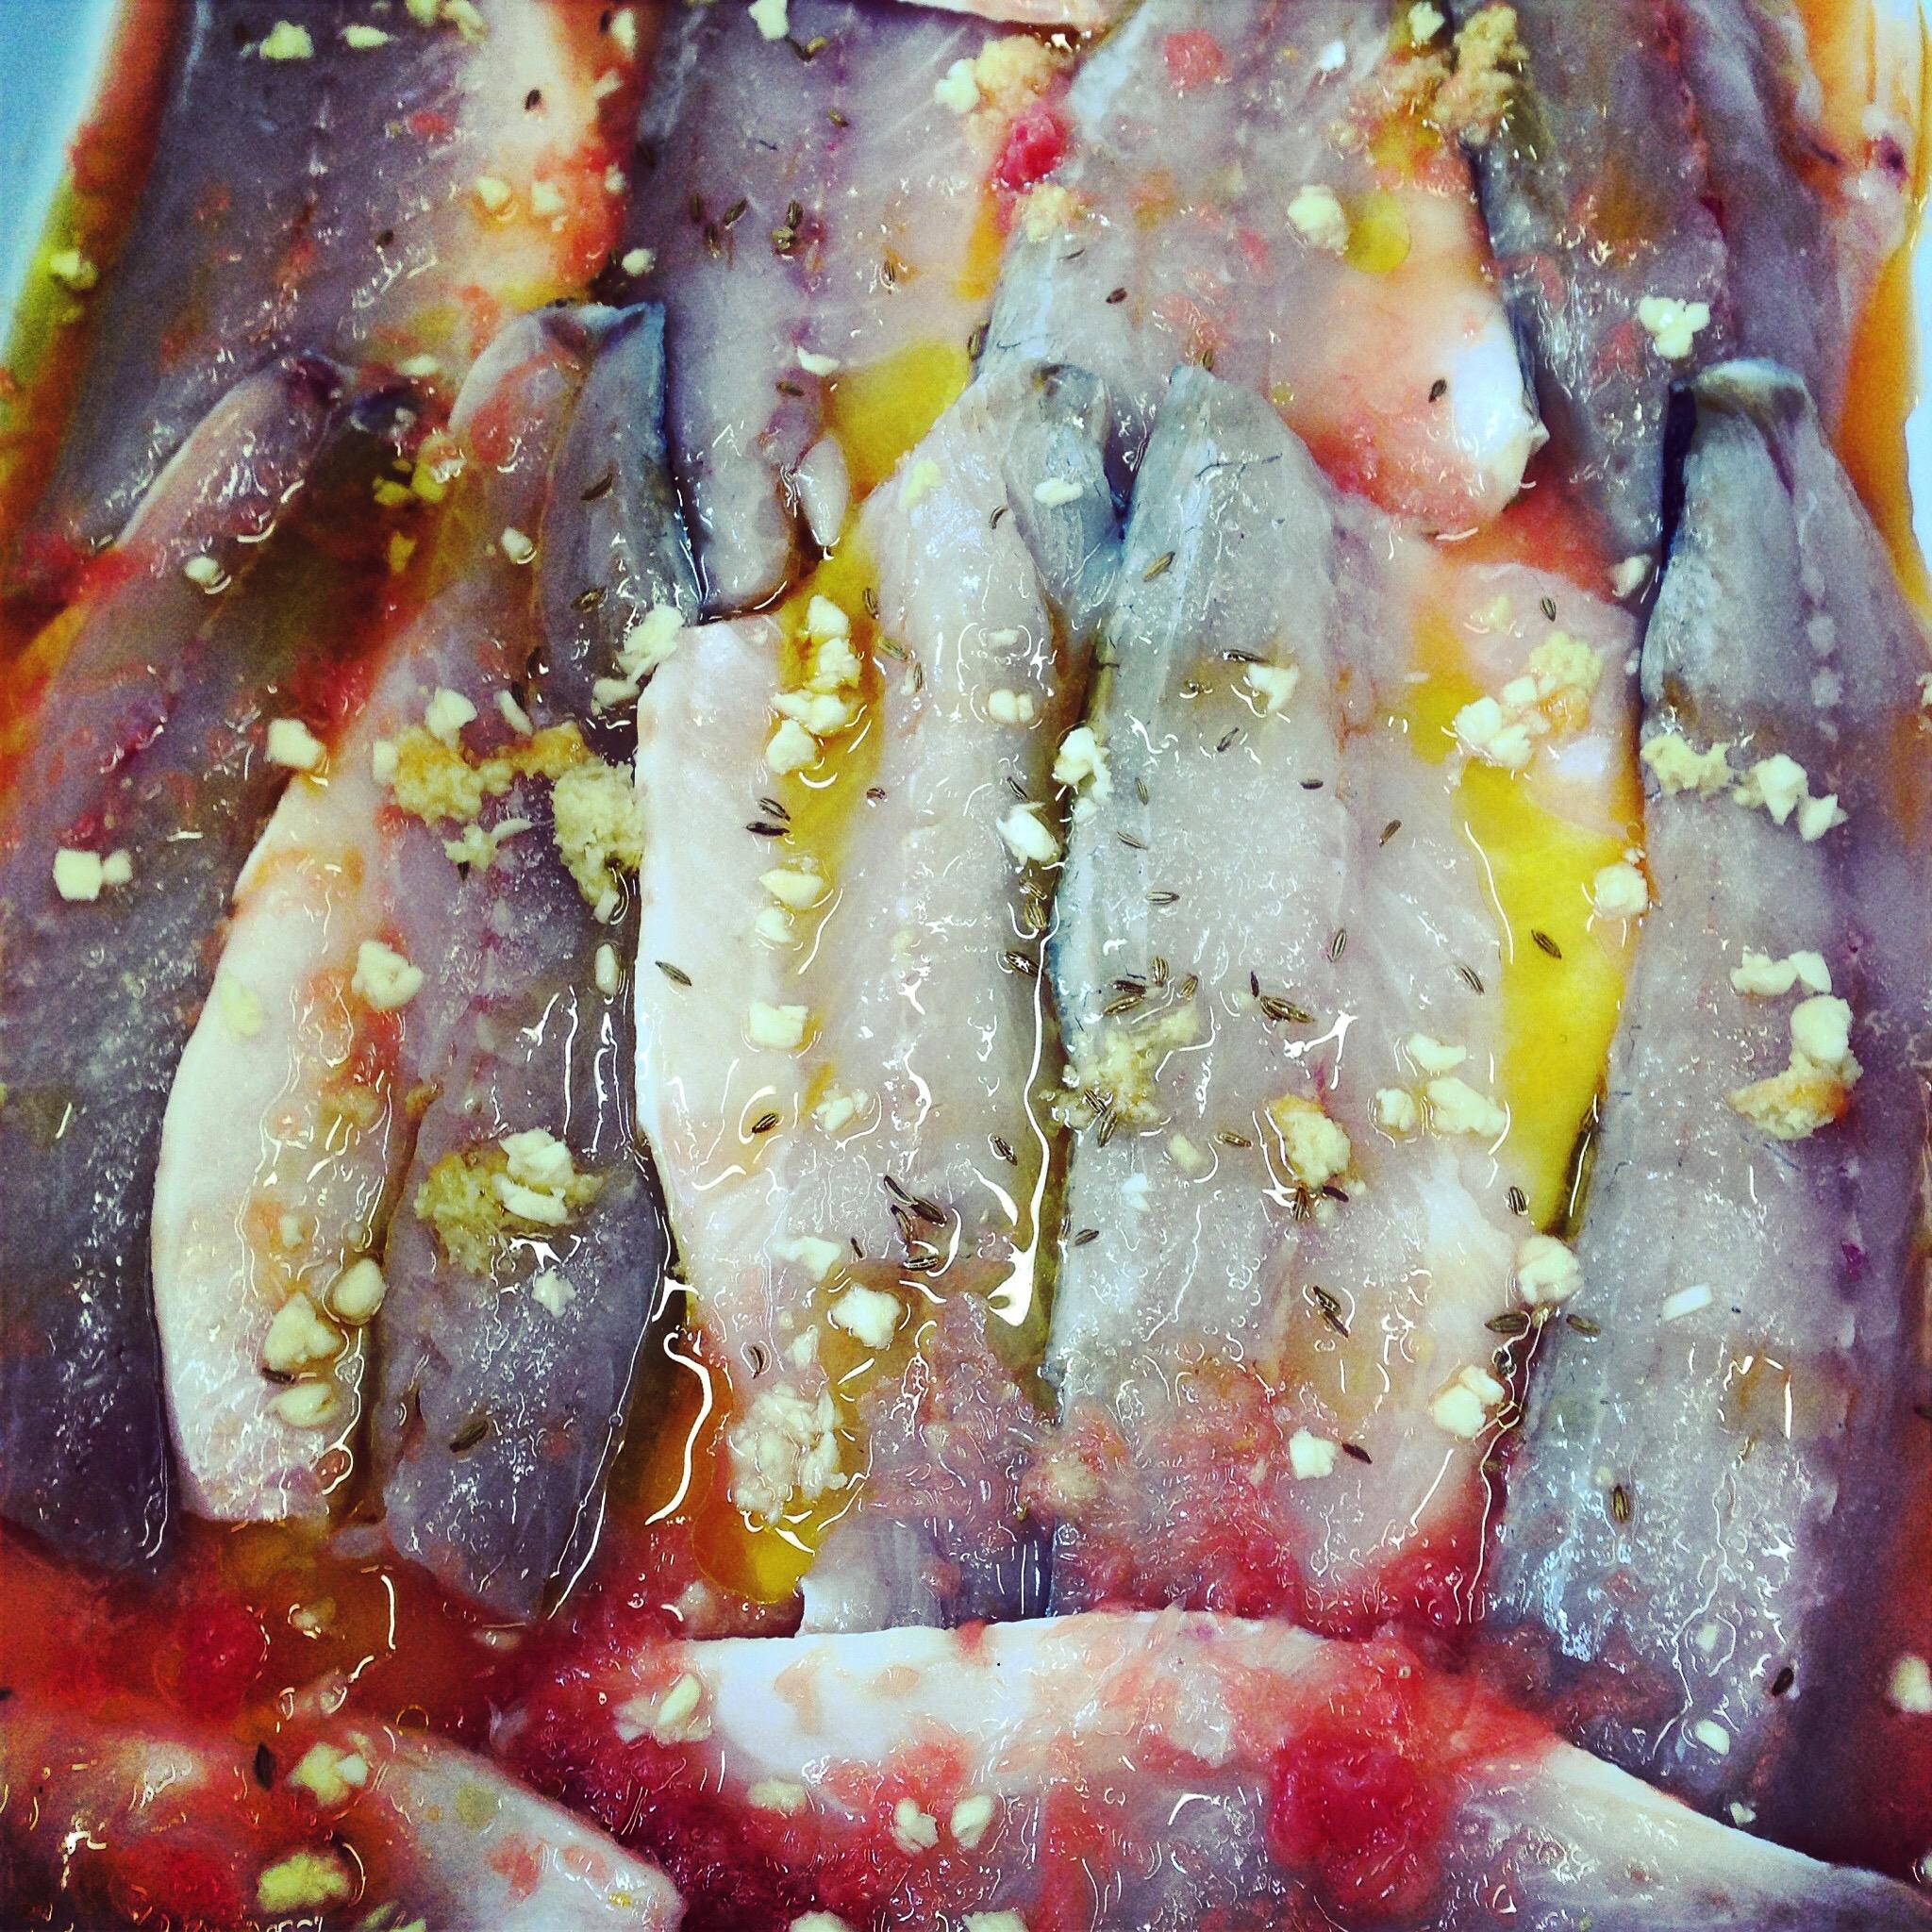 Citrus marinated sardines